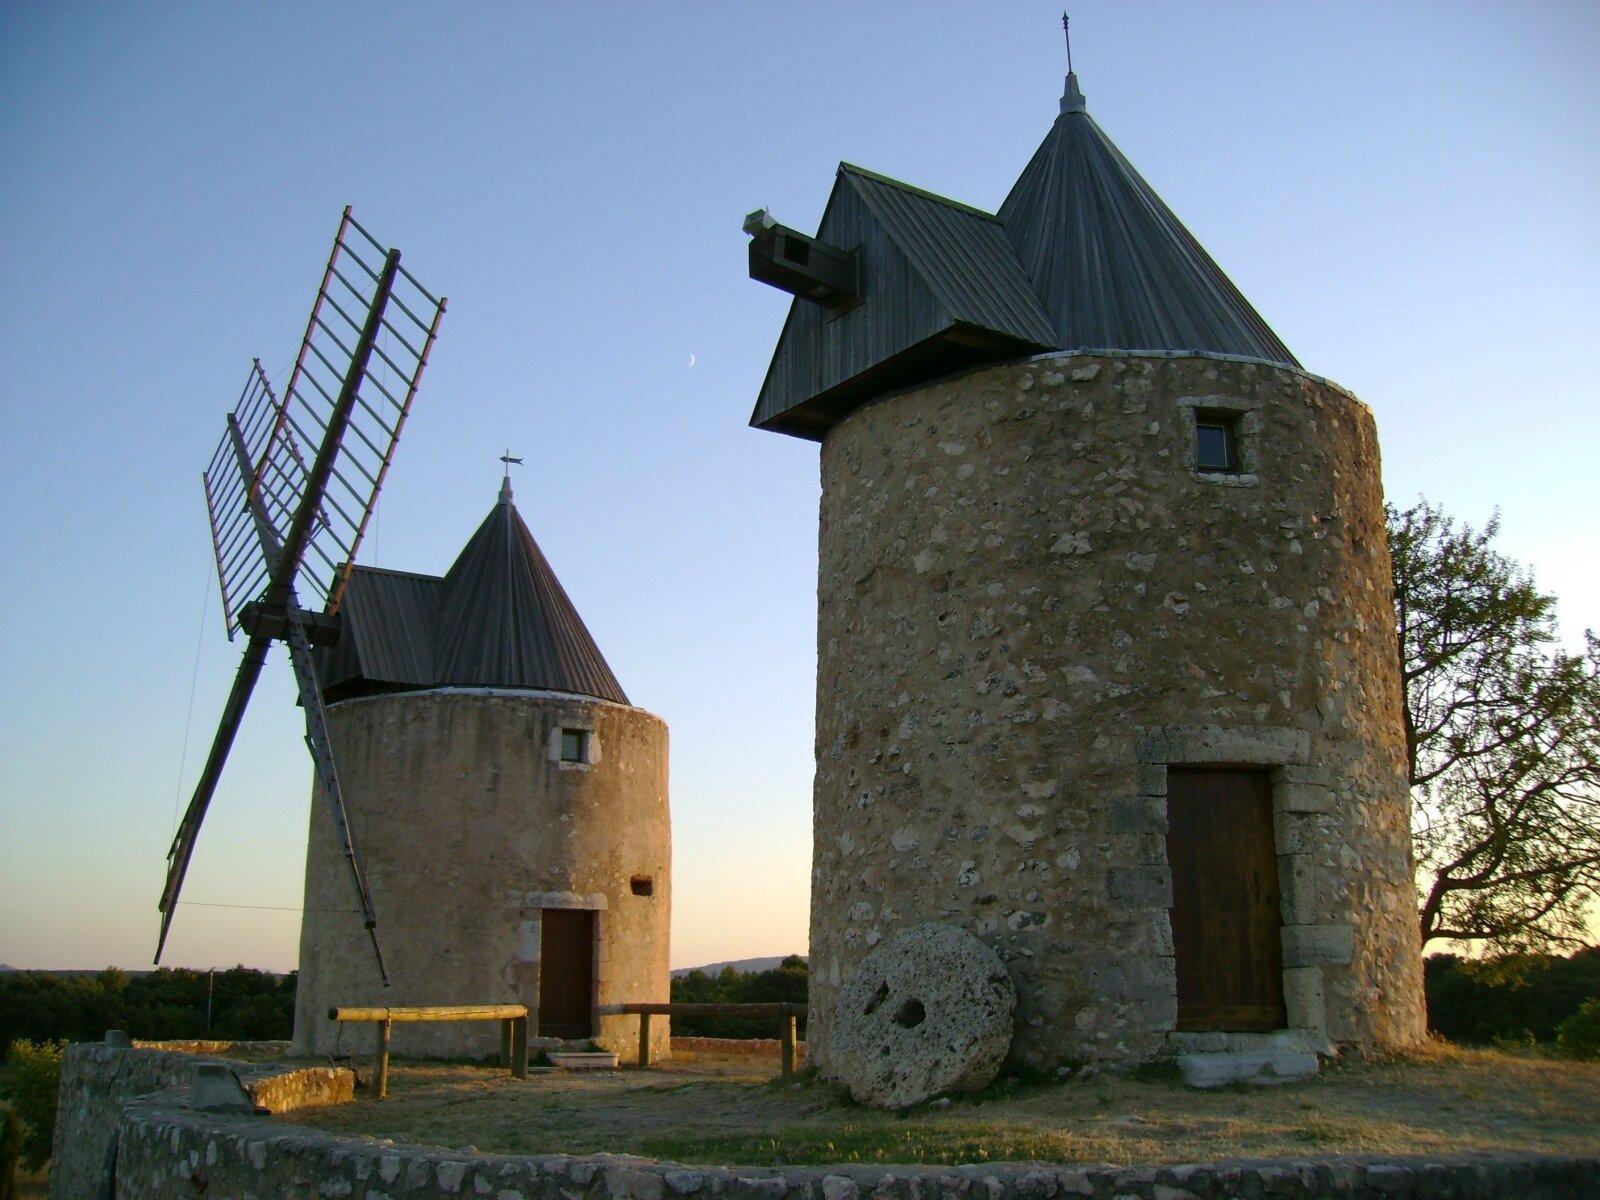 Les moulins à vent dans le Midi